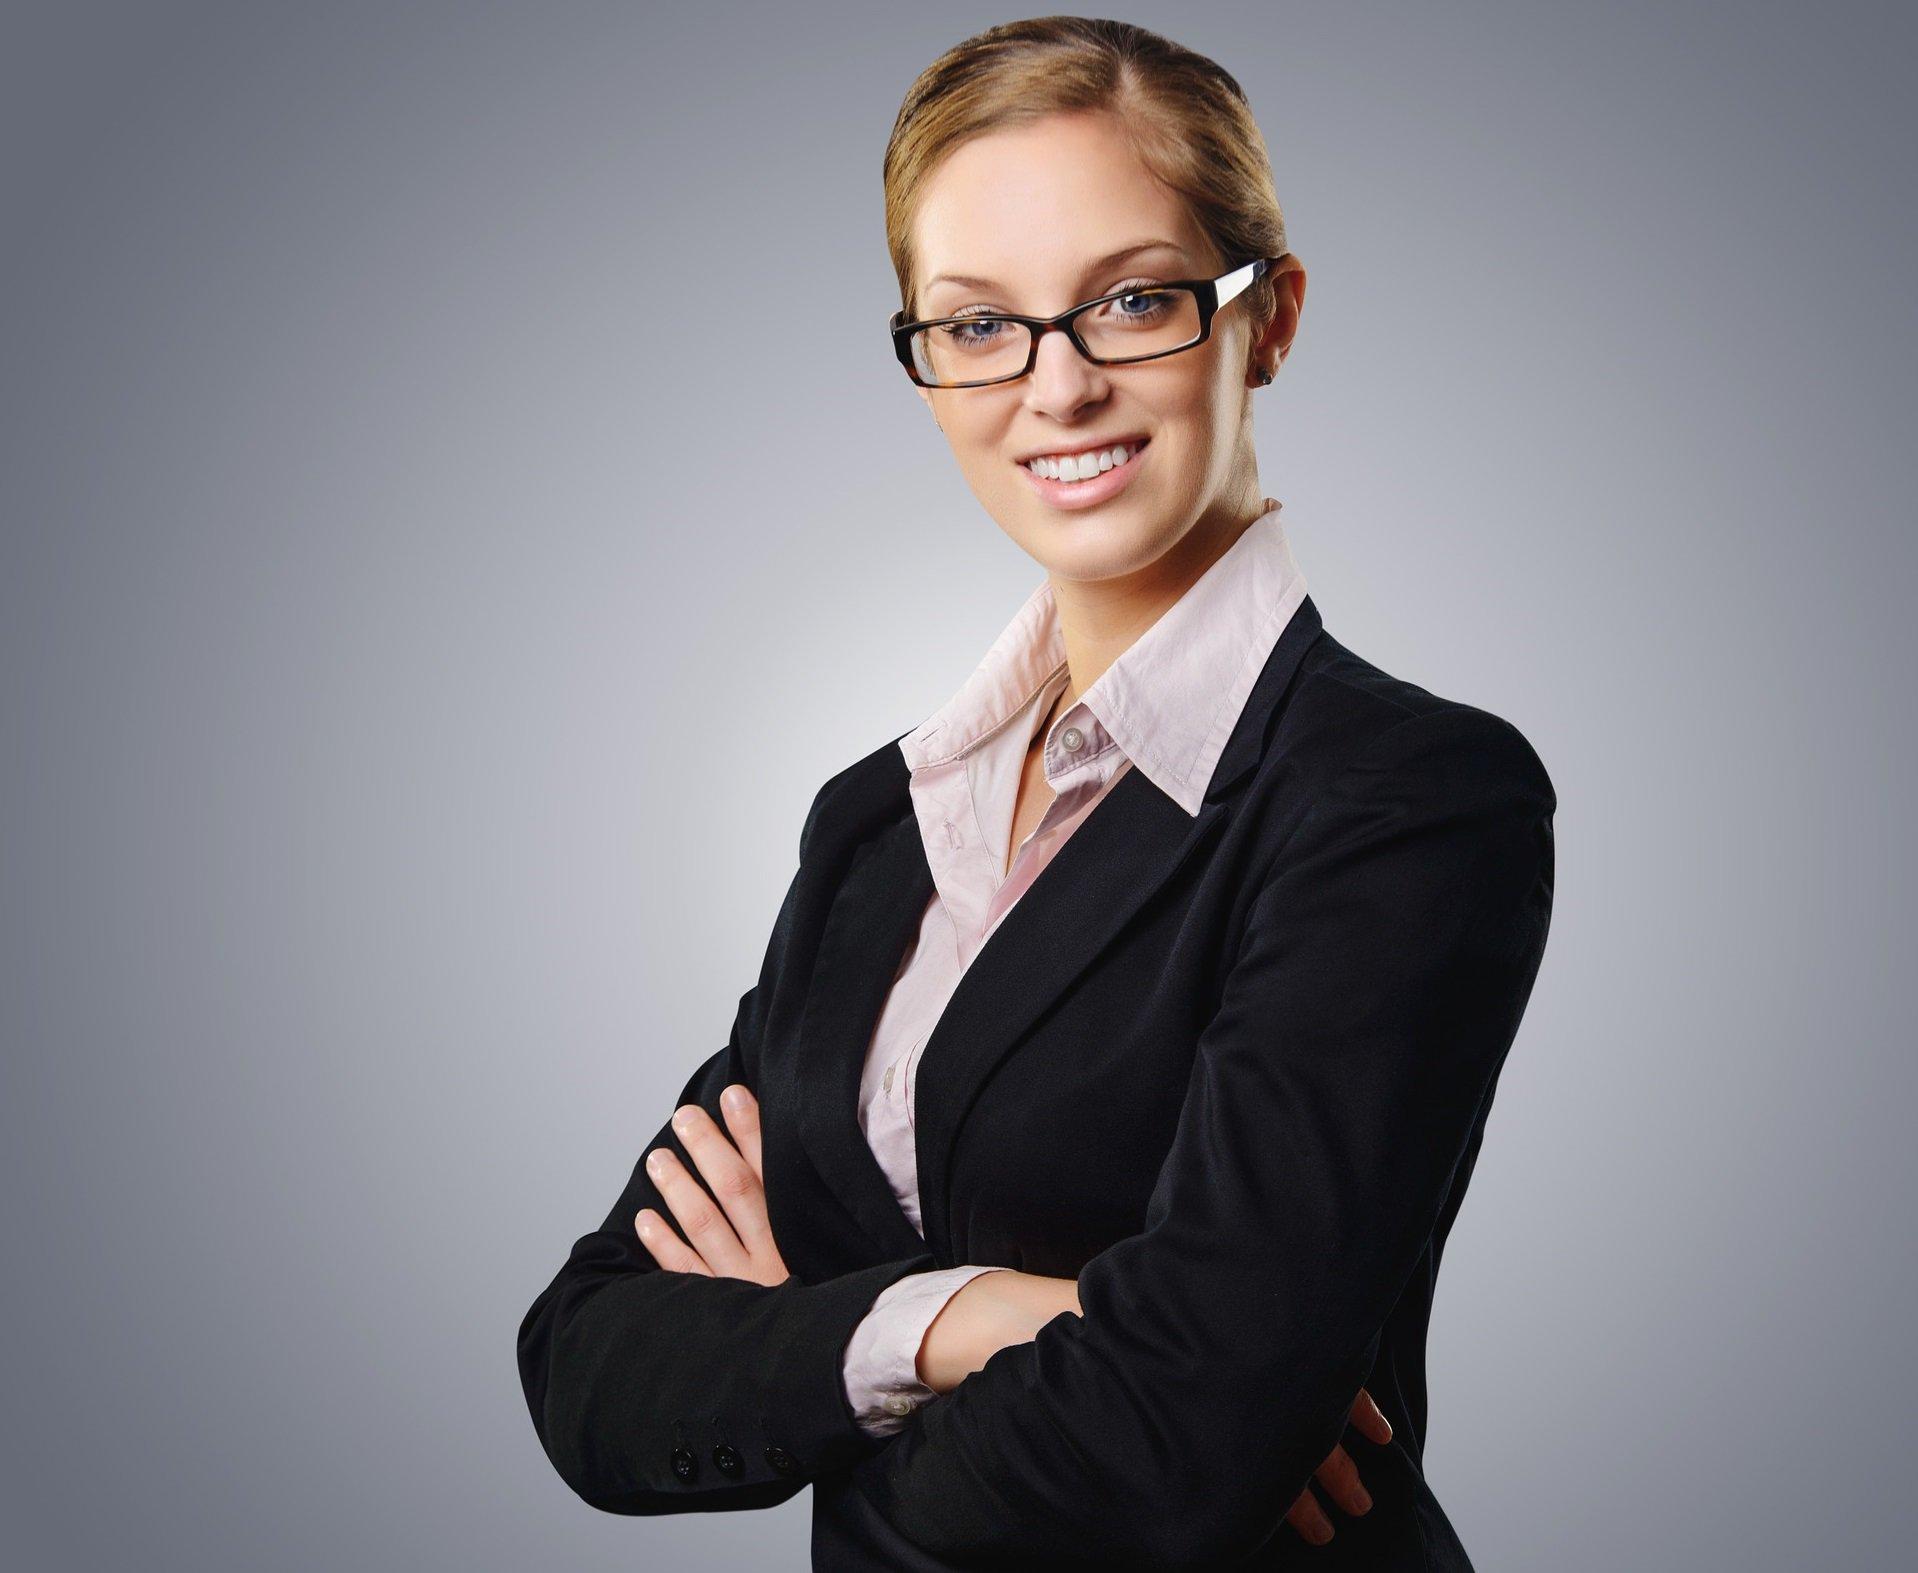 Картинки деловая женщина